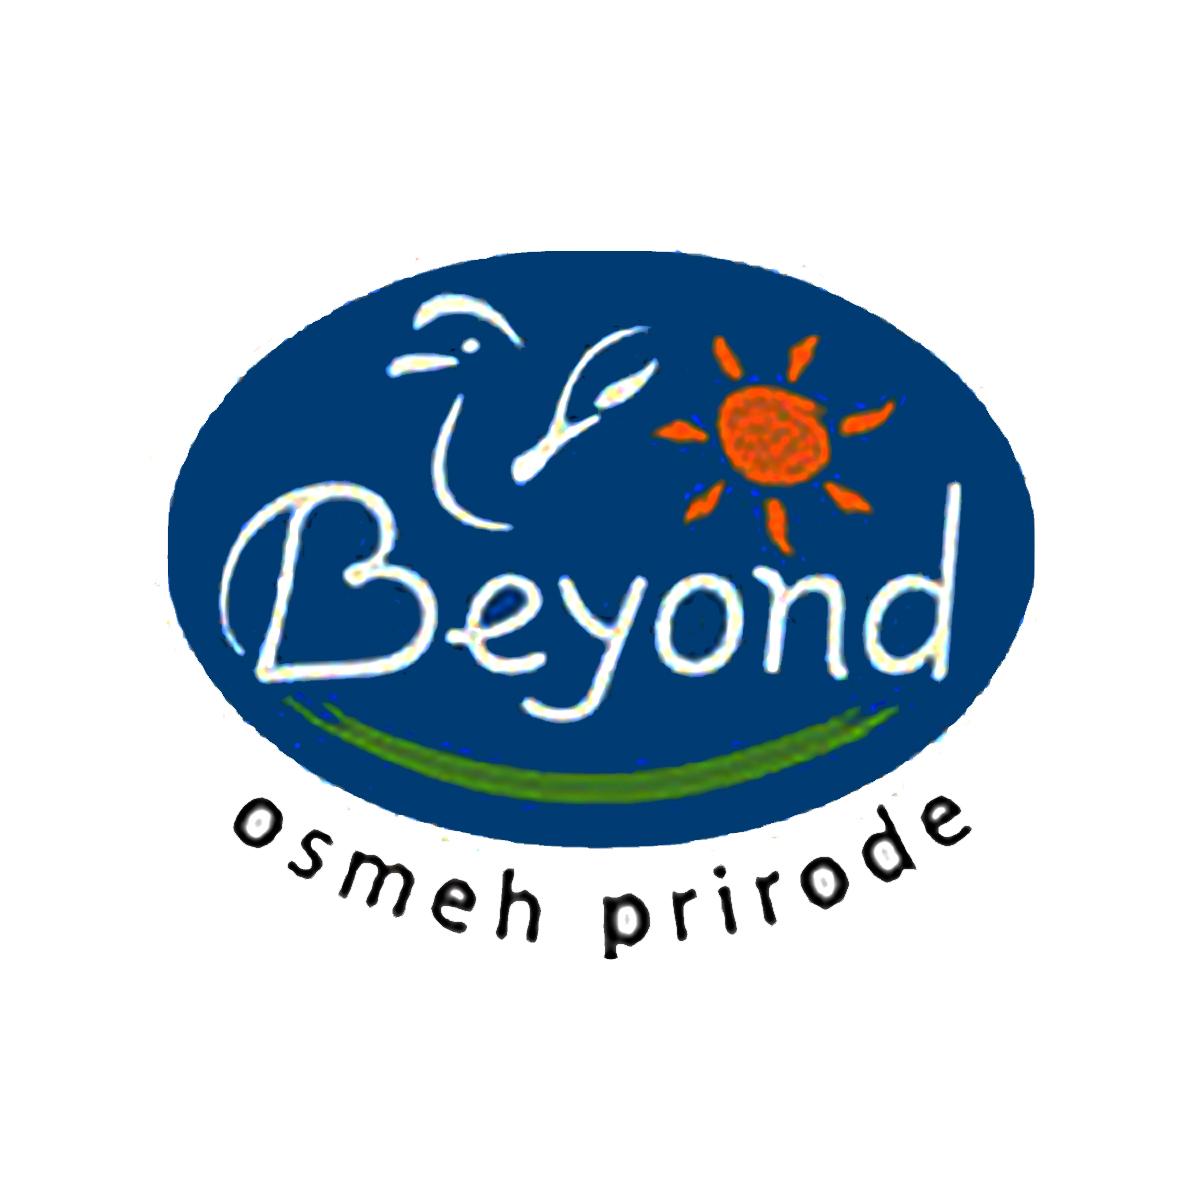 Beyondd